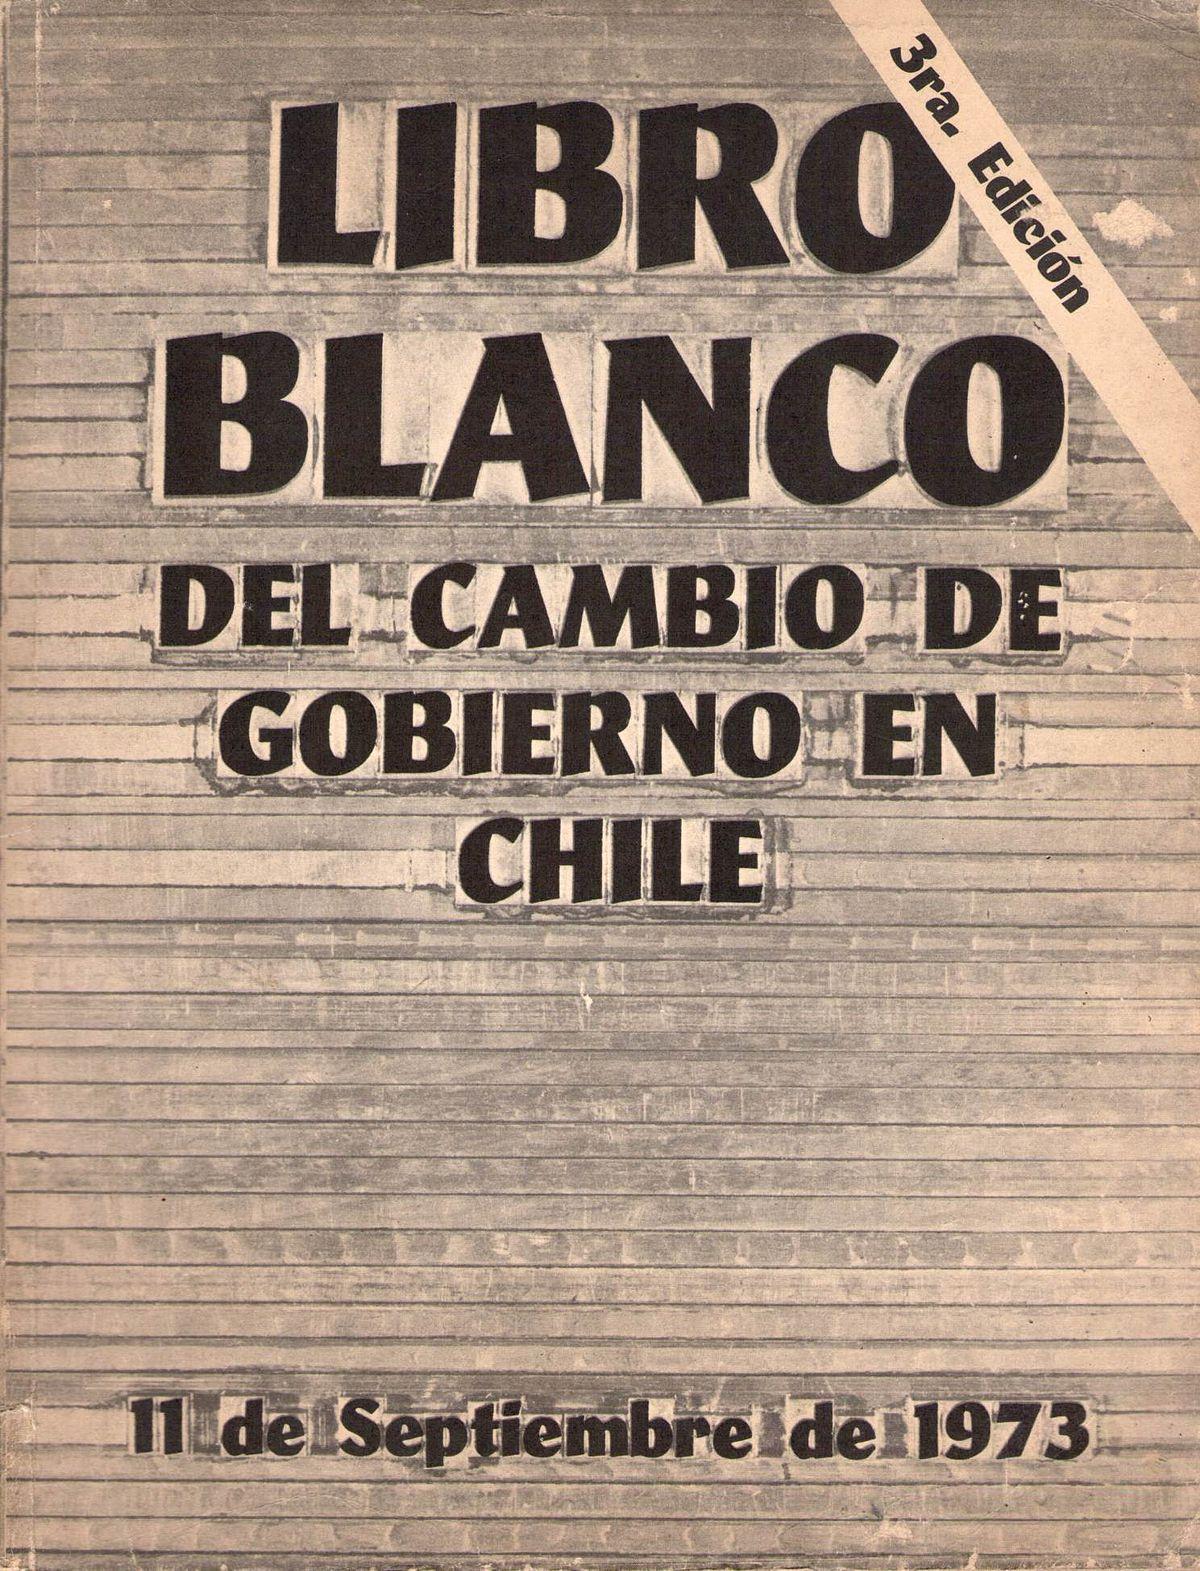 libro blanco del cambio de gobierno en chile wikipedia. Black Bedroom Furniture Sets. Home Design Ideas